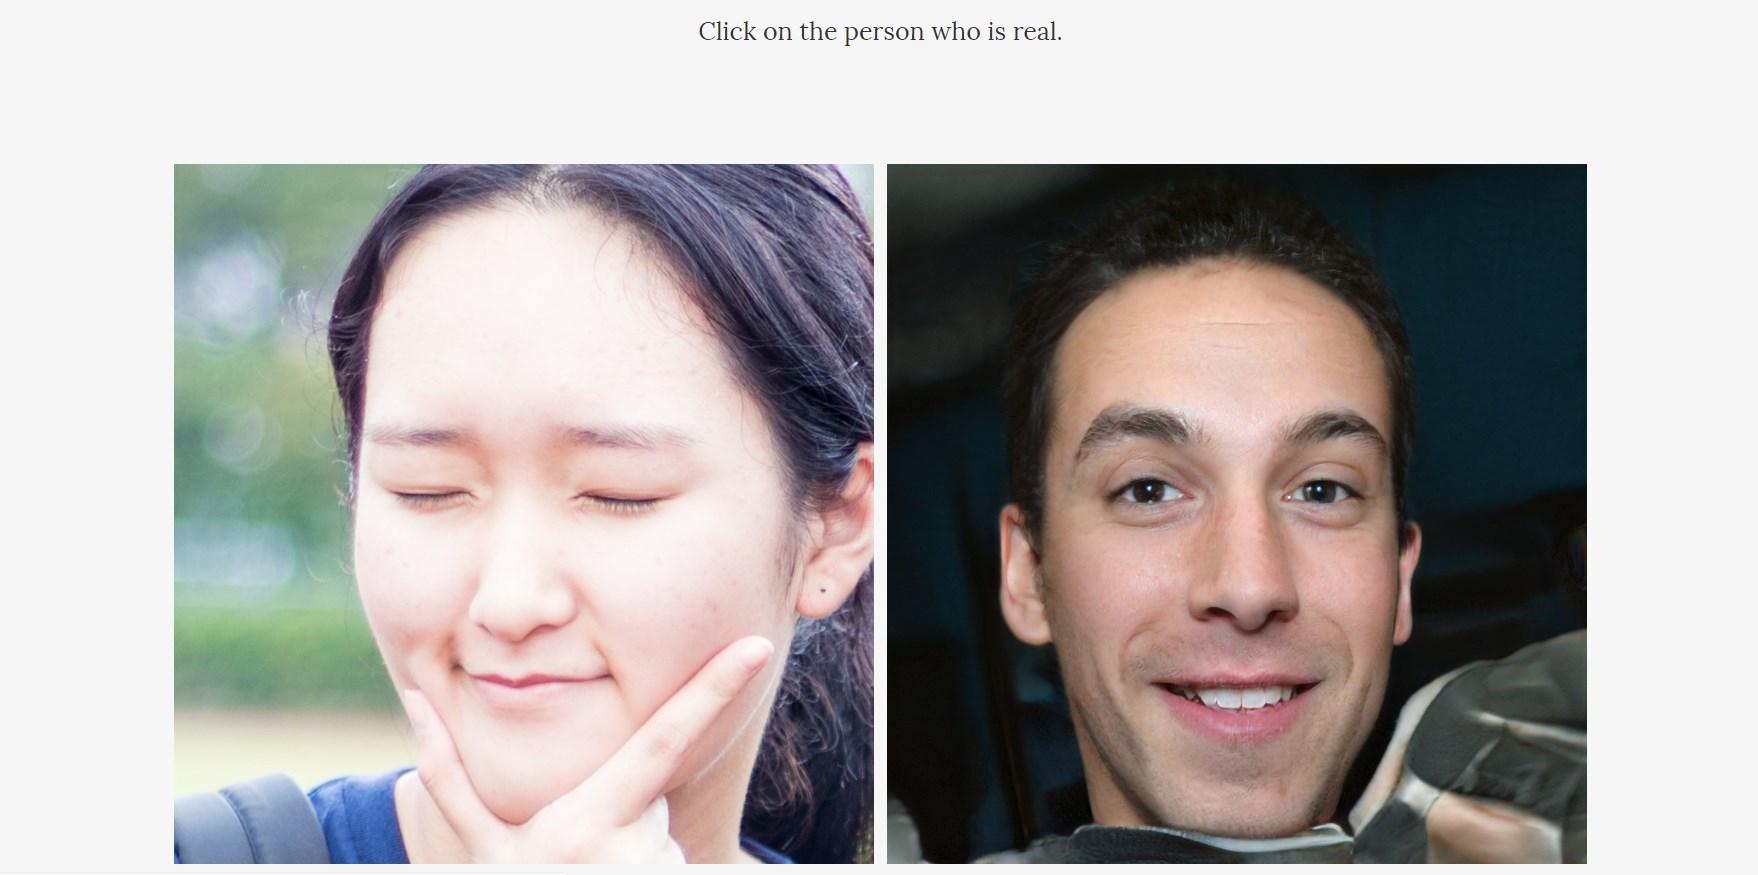 Sauriez-vous distinguer un visage réel d'un visage créé par une intelligence artificielle ?